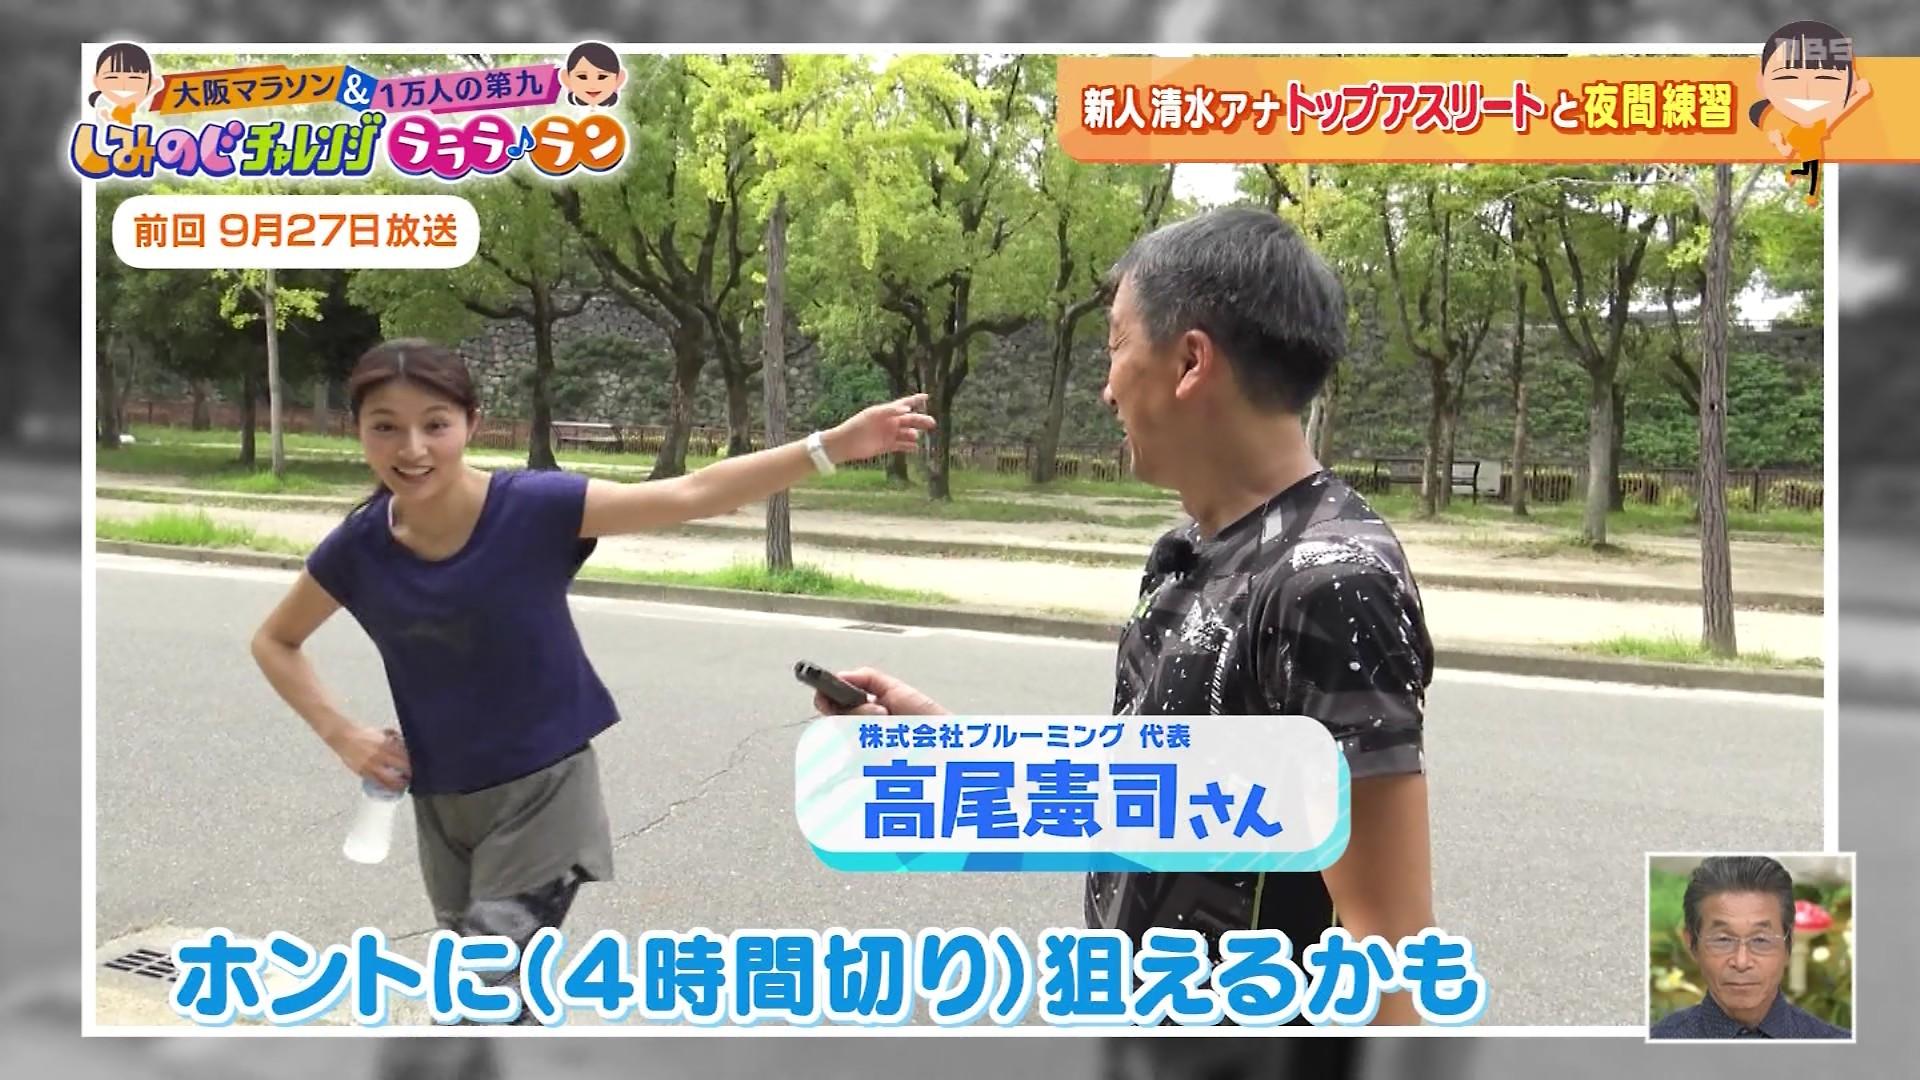 2019年10月11日に放送された「ちちんぷいぷい」に出演した女子アナ・清水麻椰さんのテレビキャプチャー画像-005